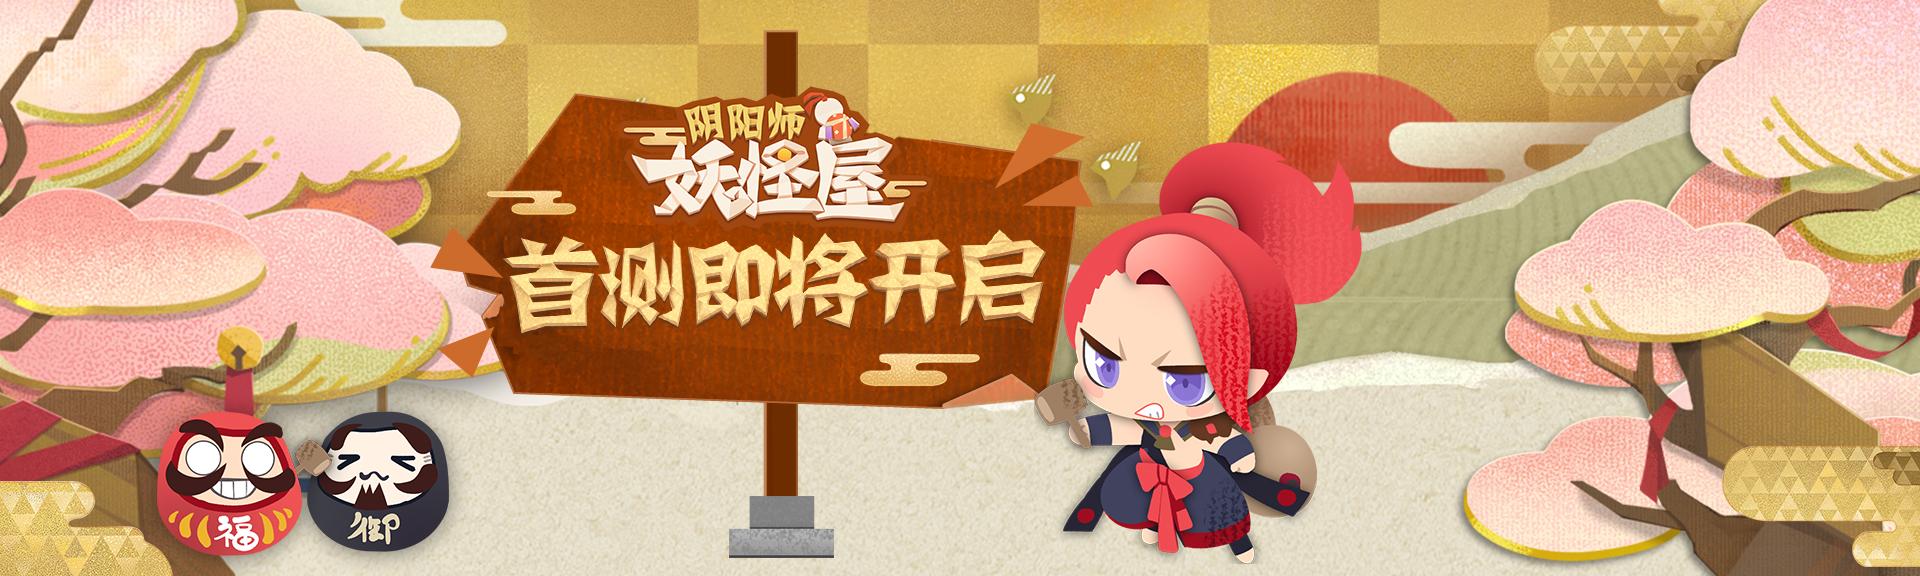 《阴阳师:妖怪屋》首测日期确定,7月3日开启欢乐云养妖!